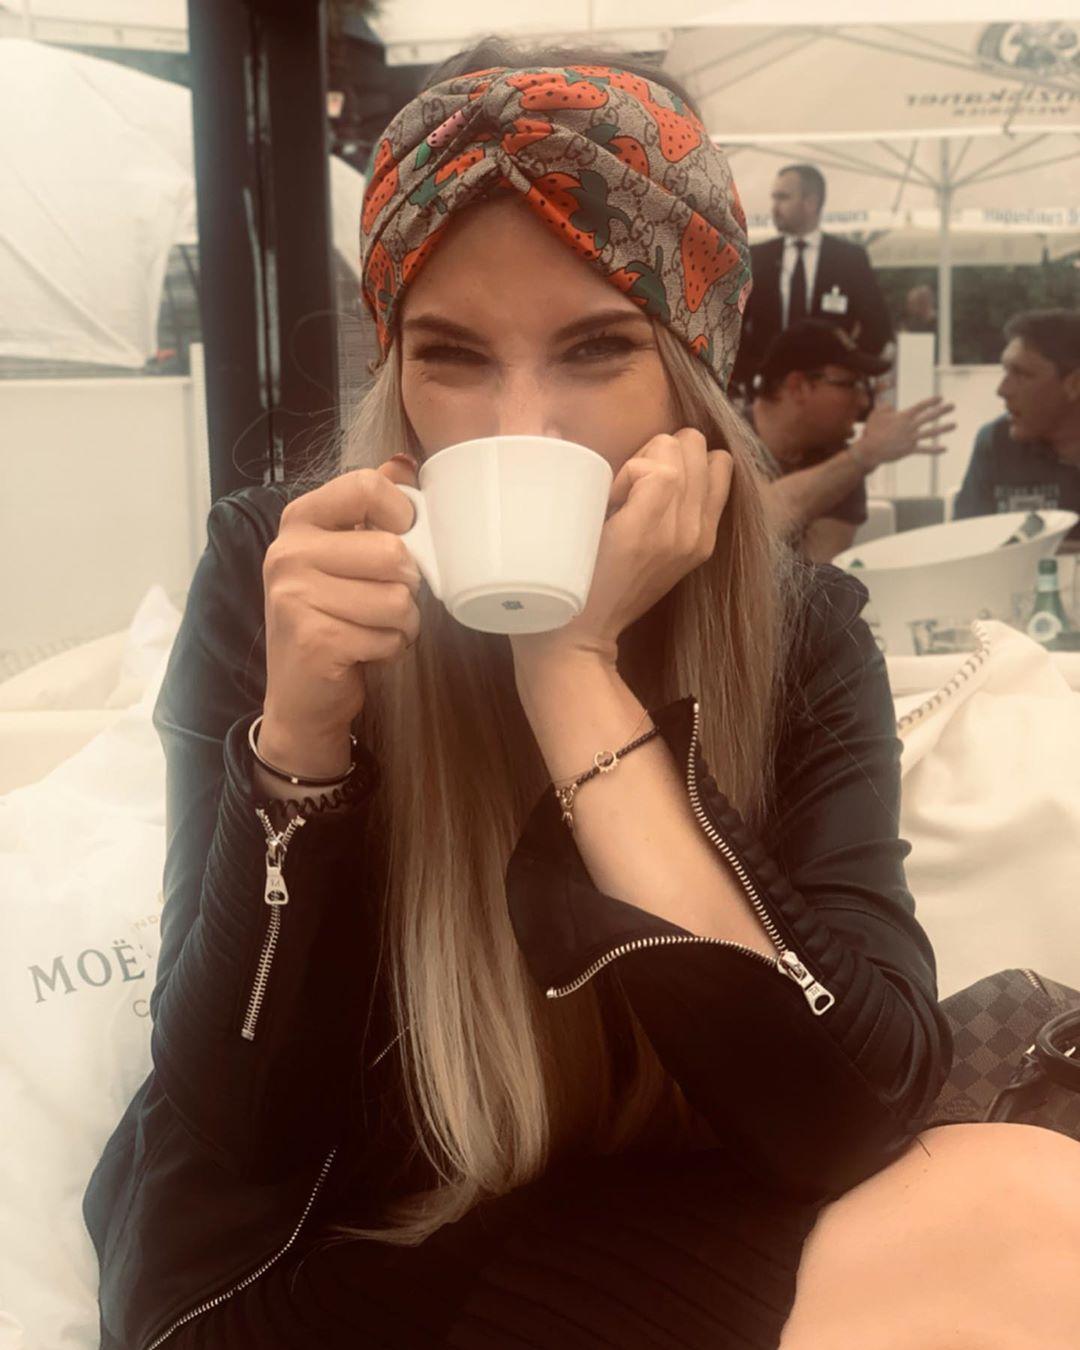 Brandnew дизайнеры Straberry оголовье женская Марка шелковые повязки лучшее качество бренд клубника дизайн ленты для волос головы для женщин девочек